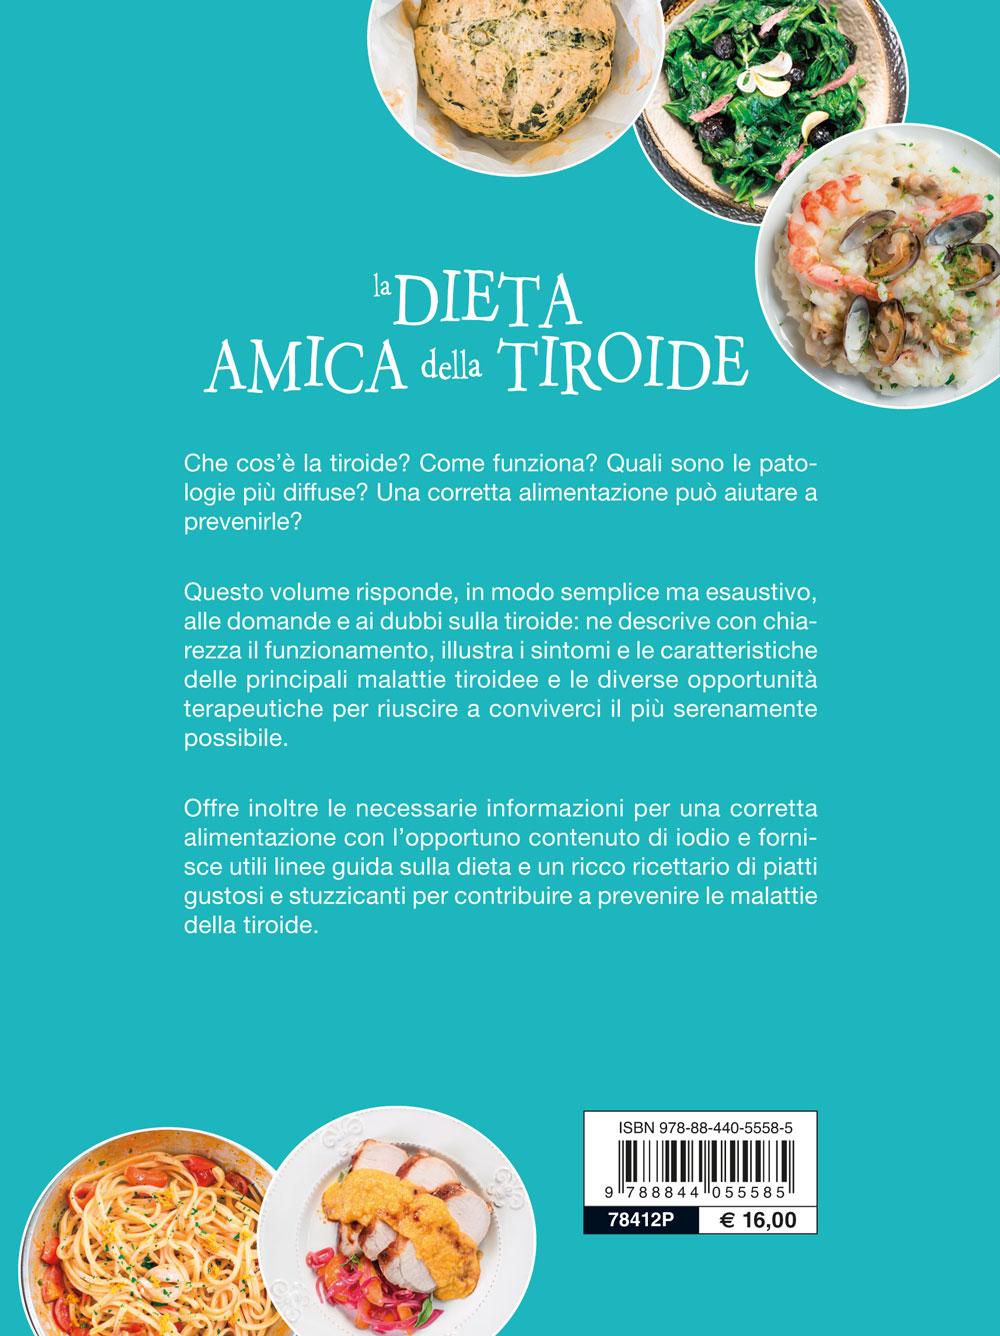 La dieta amica della tiroide